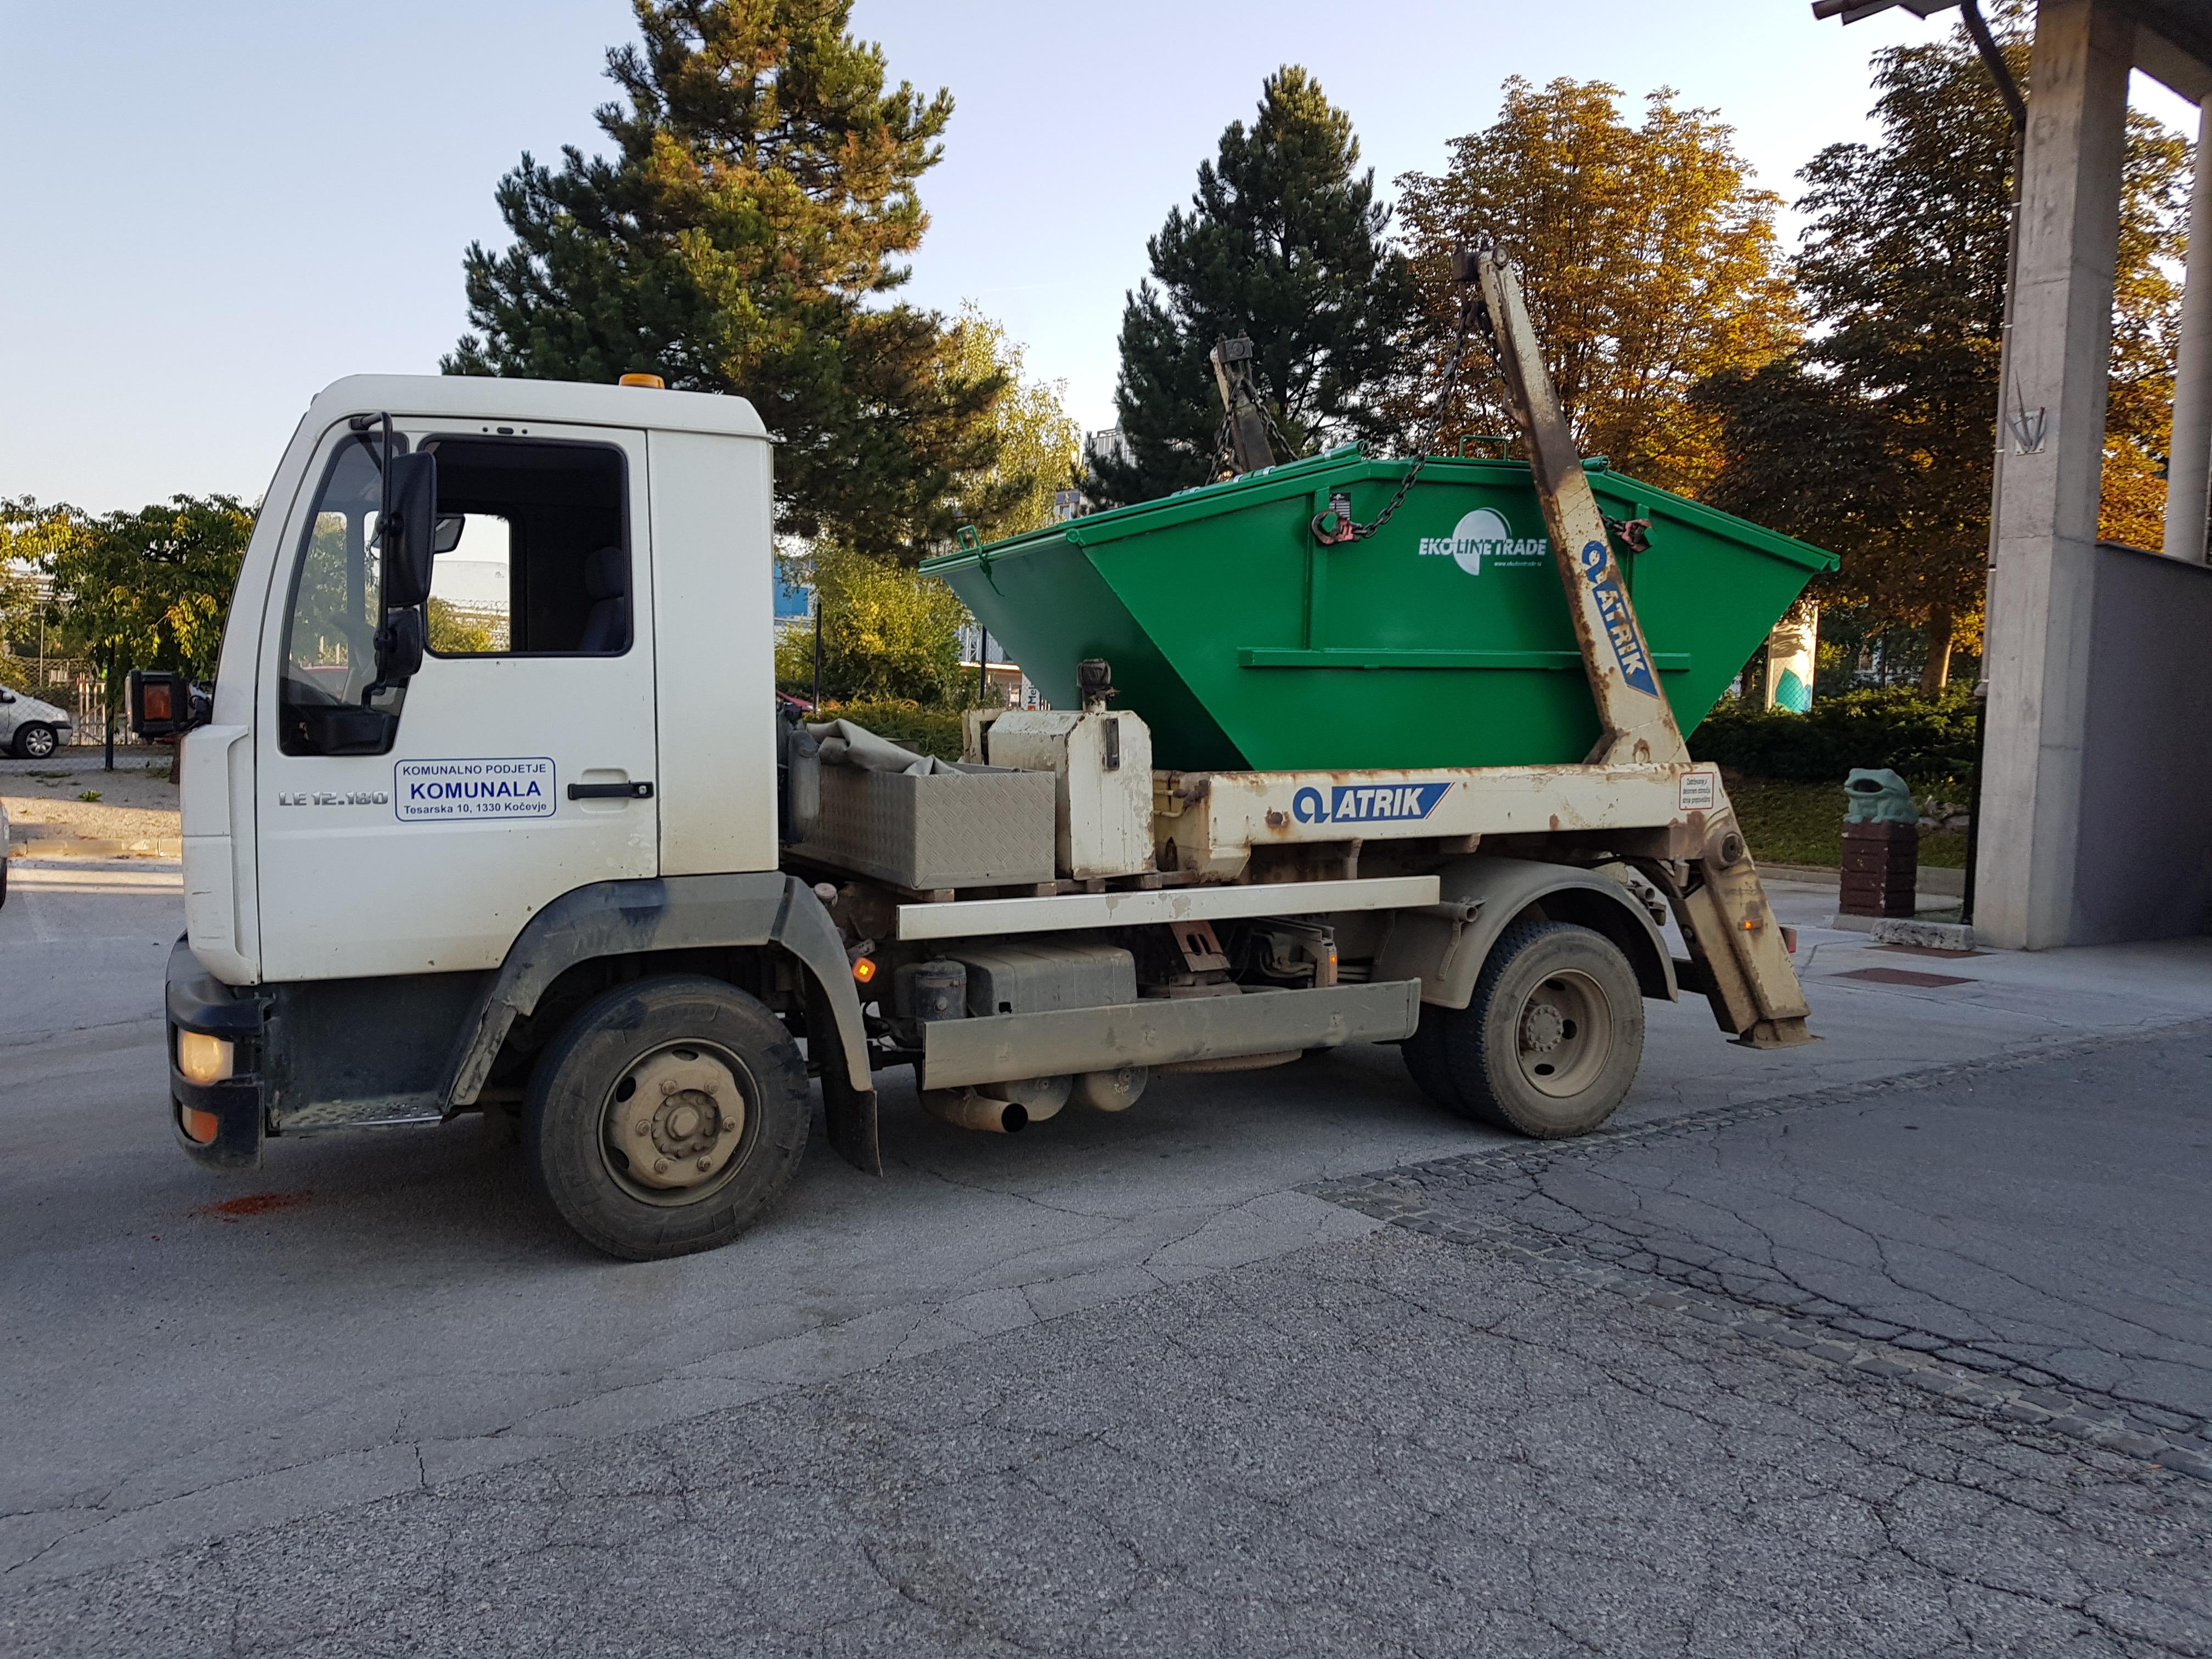 vozilo za izvajanje kontejnerskega odvoza